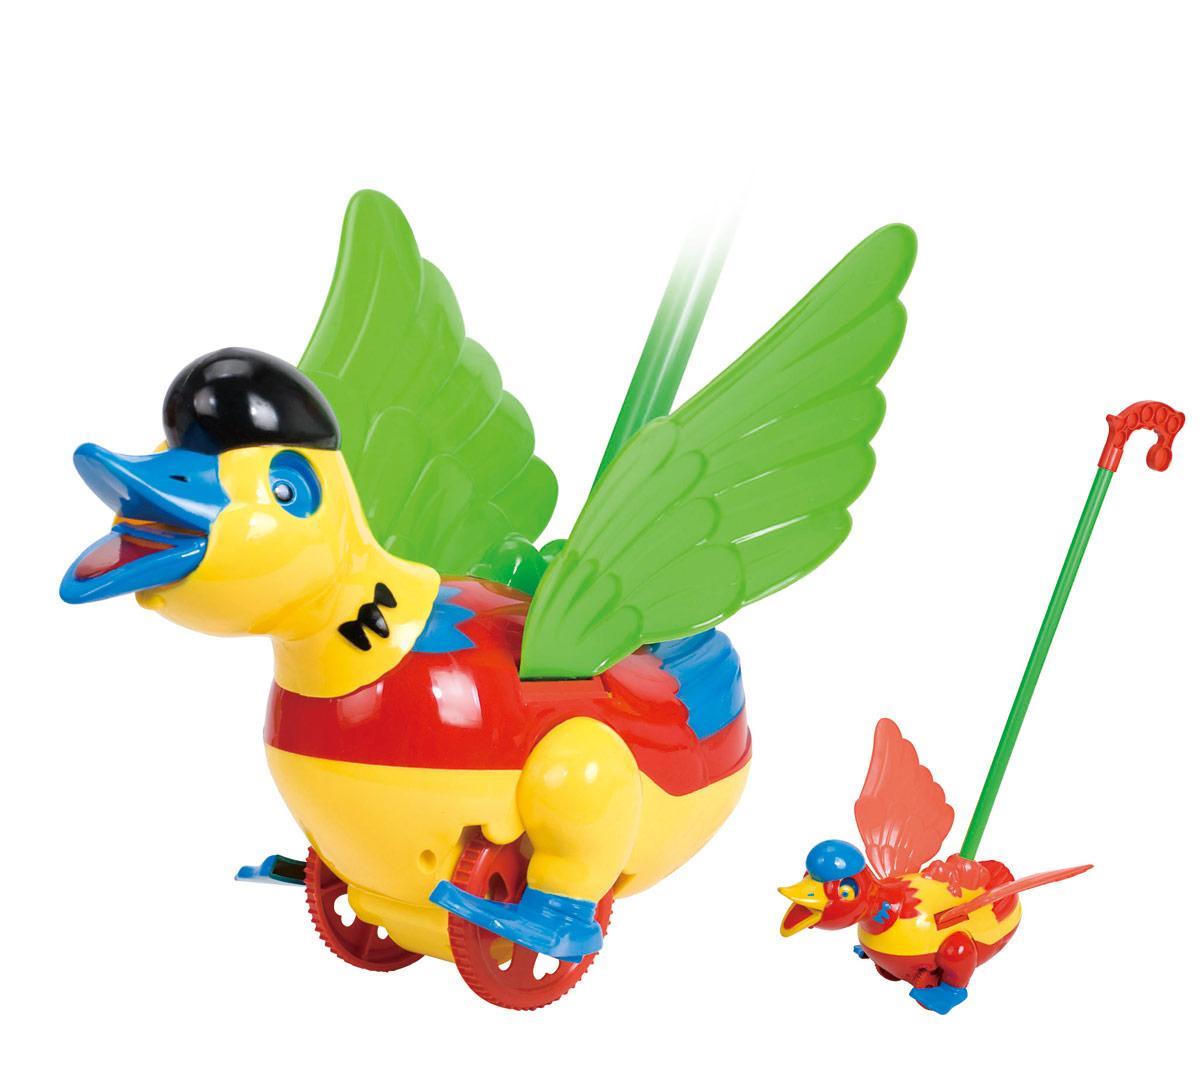 Ami&Co Игрушка-каталка Уточка44412Каталка уточка. Ребенок катает игрушку по полу - уточка поднимает и опускает голову, машет крыльями, открывает и закрывает клюв. При катании игрушка издает звук, имитирующий кряканье. Палка (сборная) вставляется в игрушку. Детская складная каталка предназначена для малышей, которые уже начали ходить самостоятельно. Яркие, забавные образы принесут радость и веселье во время игр. Гремящие, шуршащие элементы развлекут вашего малыша. Модель поможет развить координацию движения, тактильные навыки и мелкую моторику рук ребенка, а издаваемые ею звуки активно стимулируют его слух.